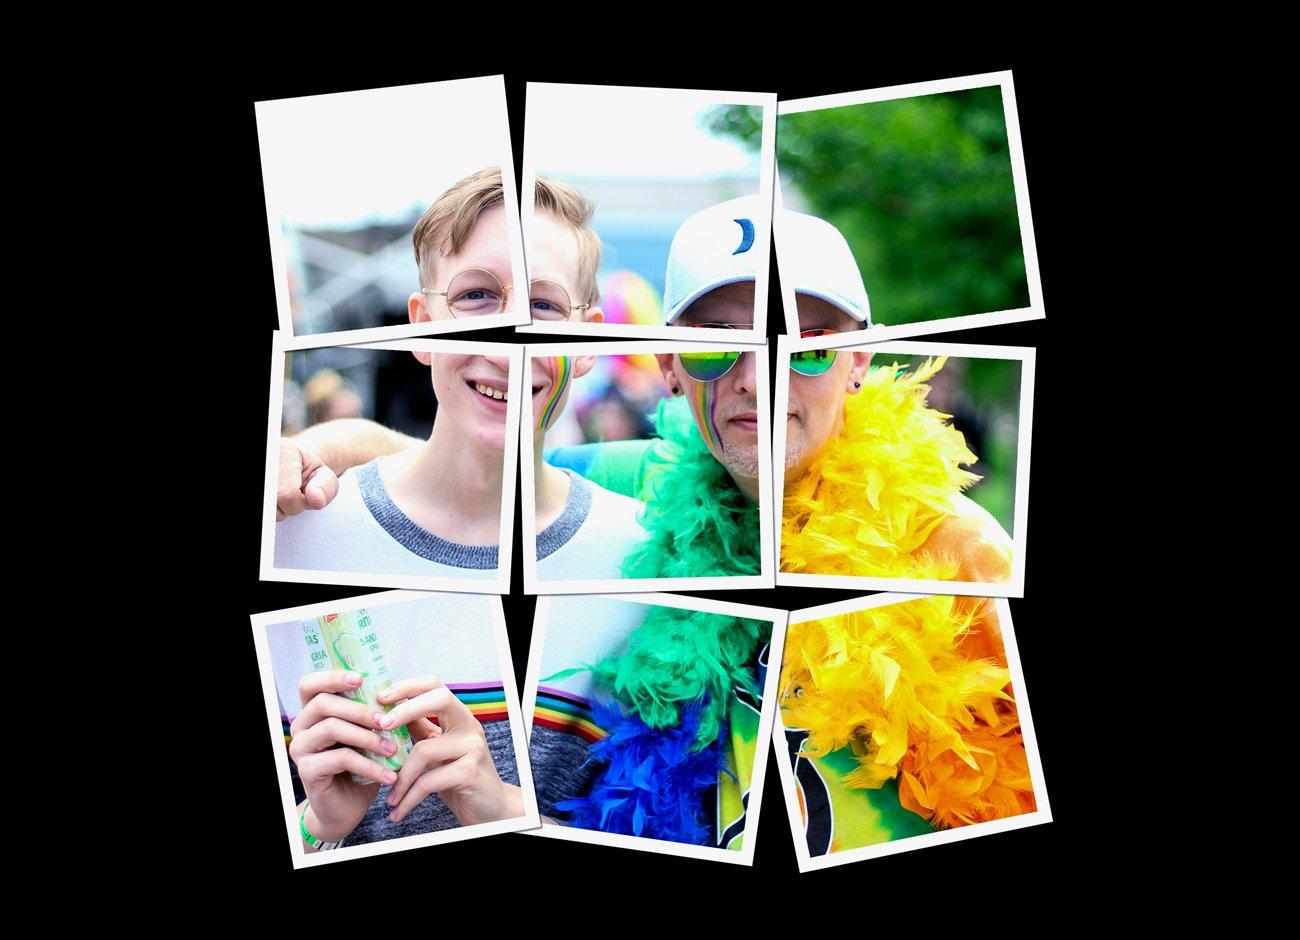 拼贴效果照片处理特效PS动作模板素材 Collage Photo Effect PS Action插图7